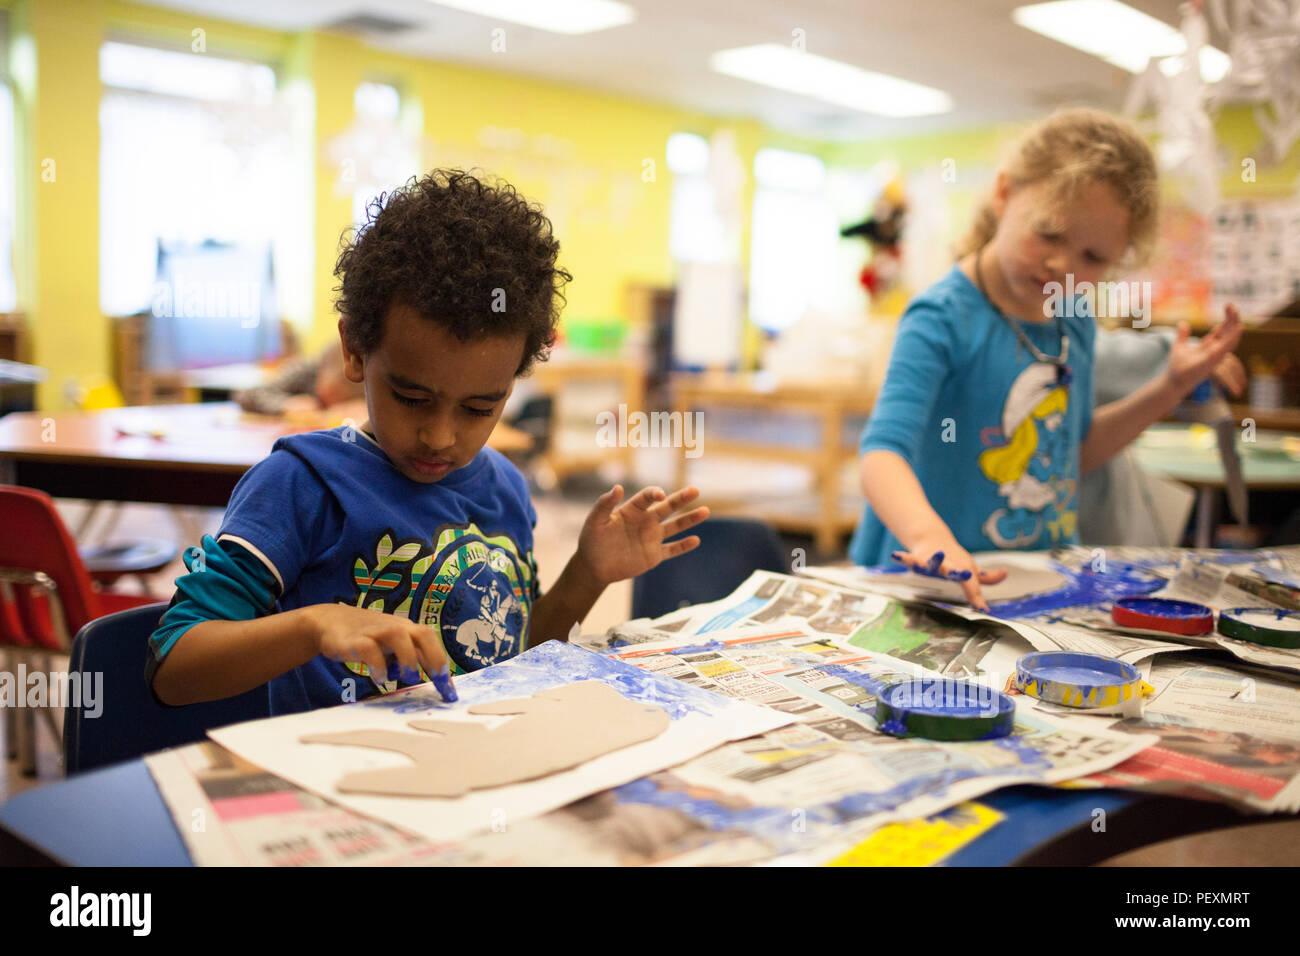 Schülerinnen und Schüler Malen mit Fingerfarben im Klassenzimmer Stockbild